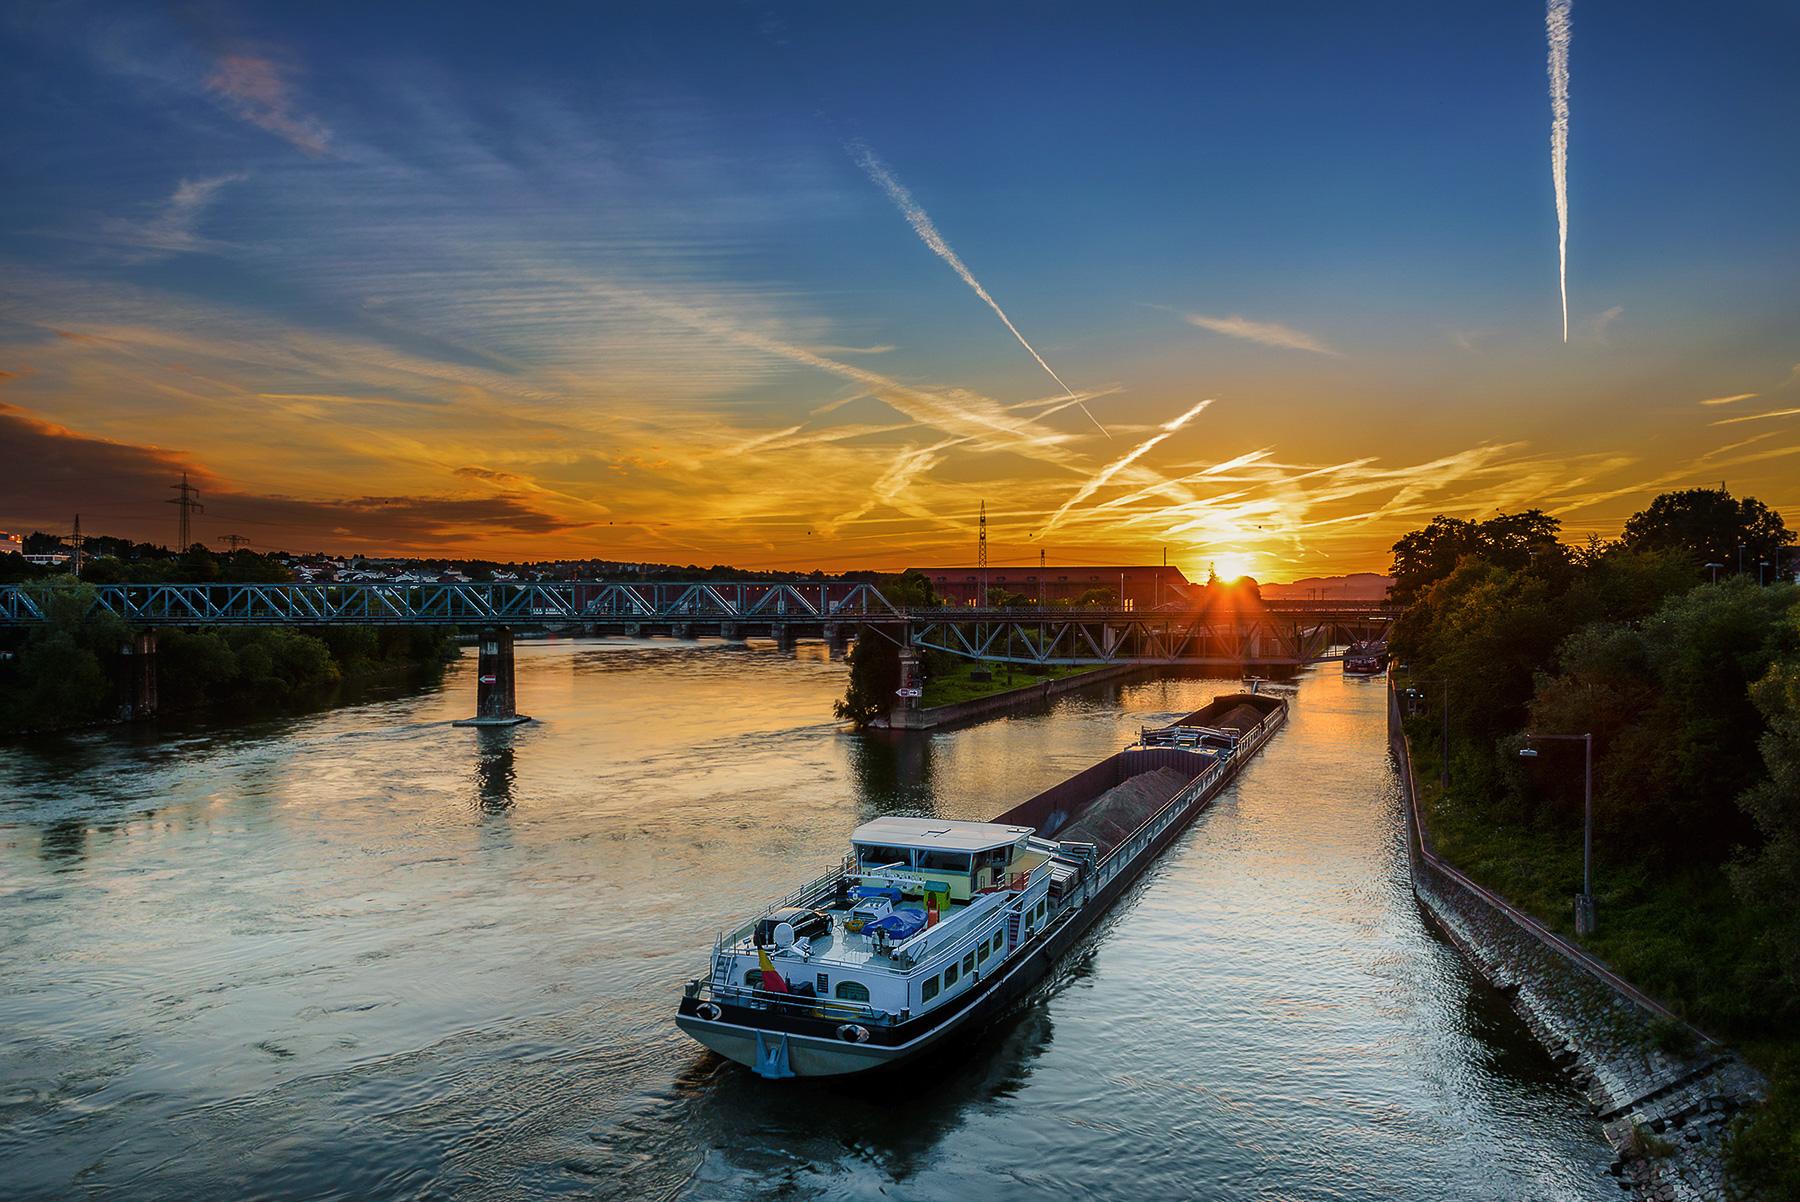 Sonnenuntergang in Passau über Kachlet